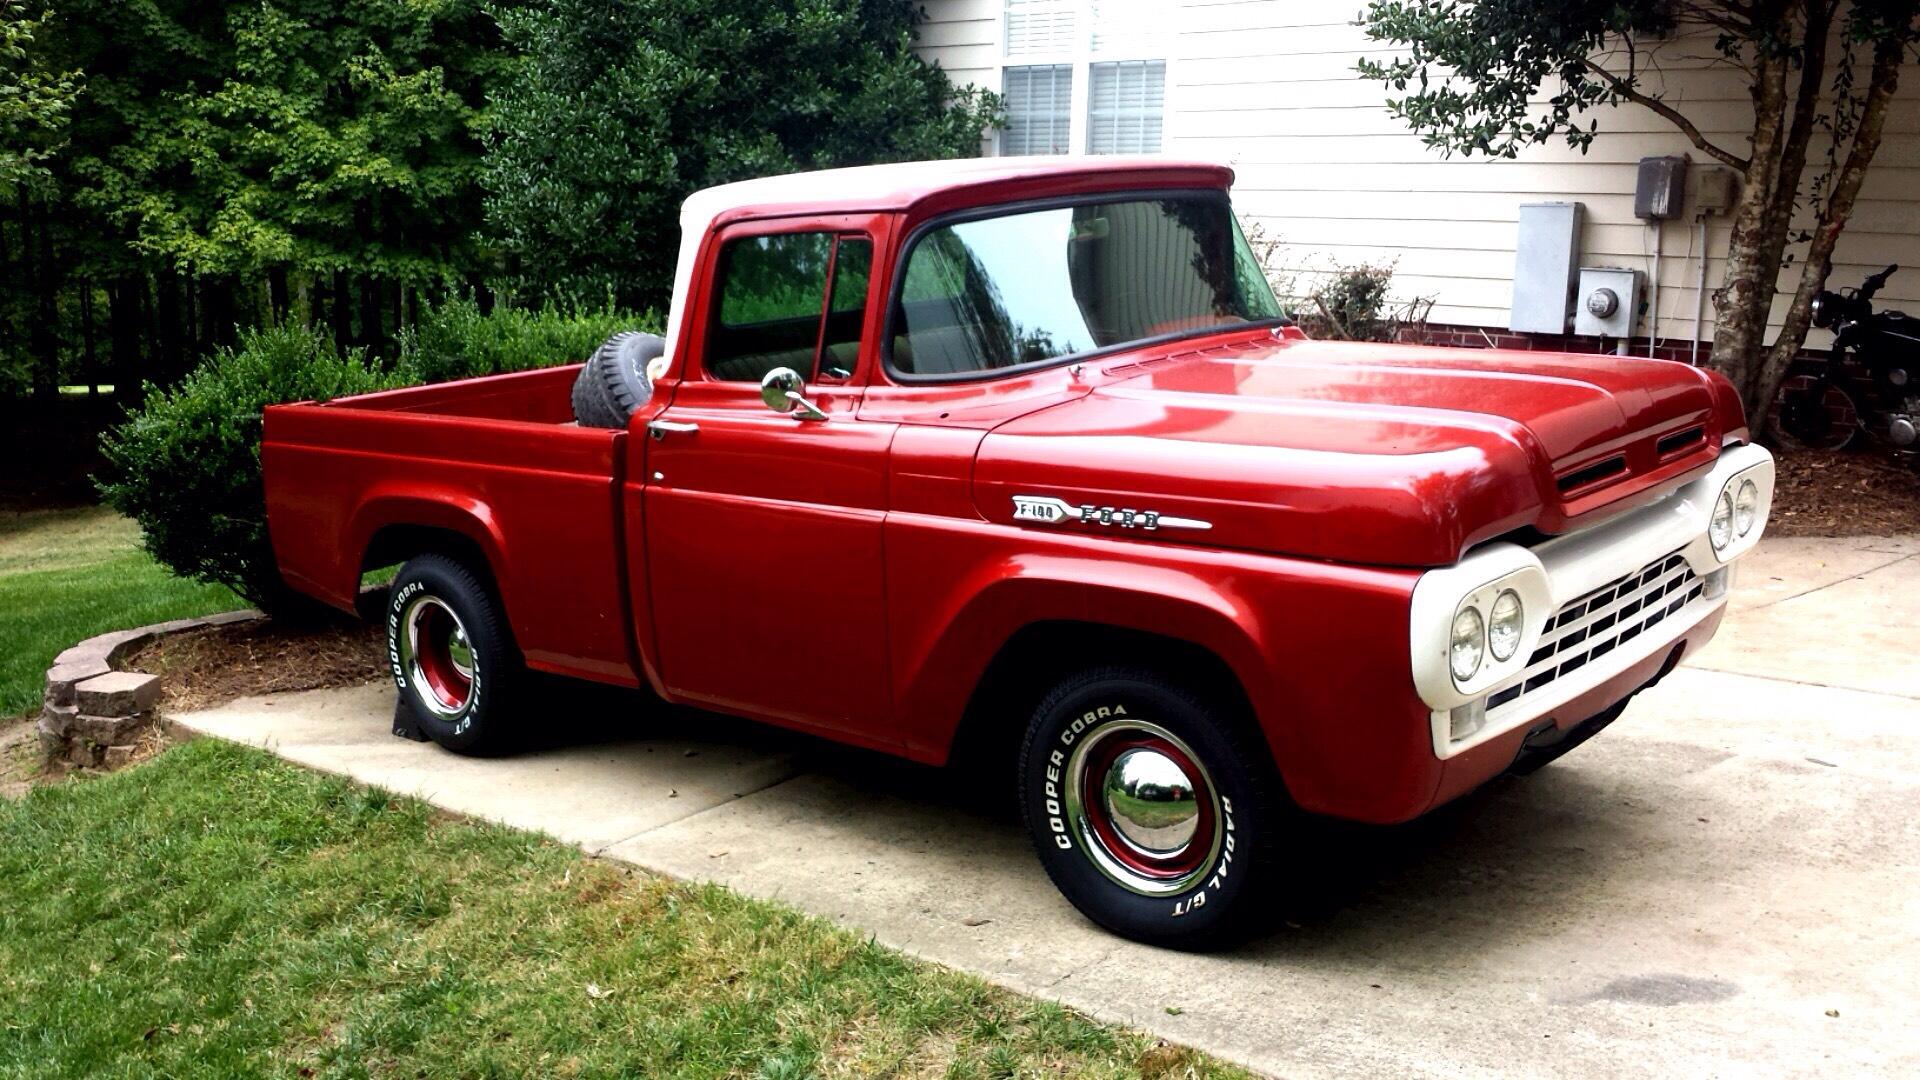 1960 ford f 100 truck restoration [ 1920 x 1080 Pixel ]